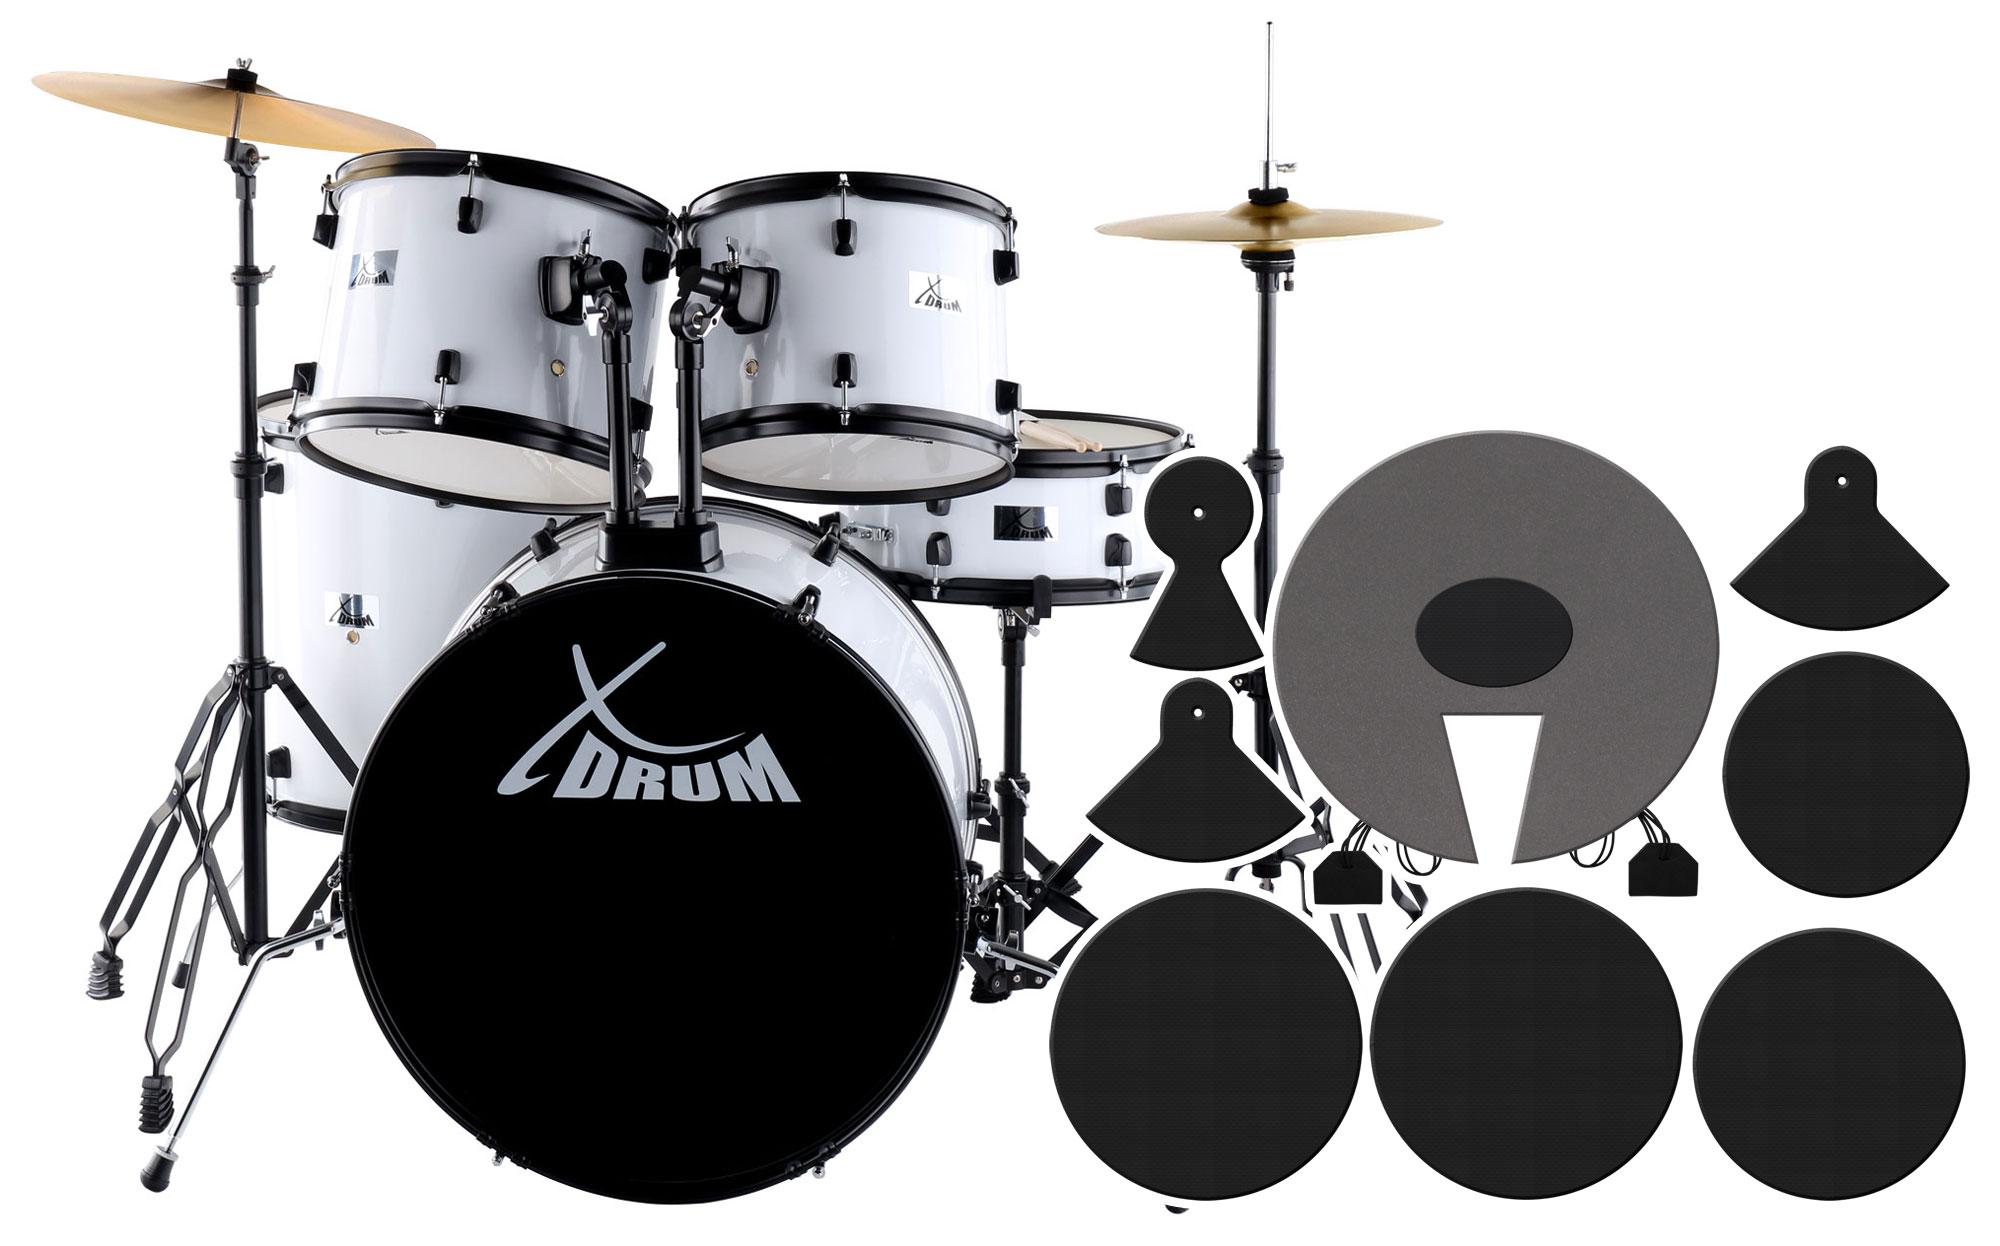 XDrum Rookie 22' Standard Schlagzeug White plus Dämpferset